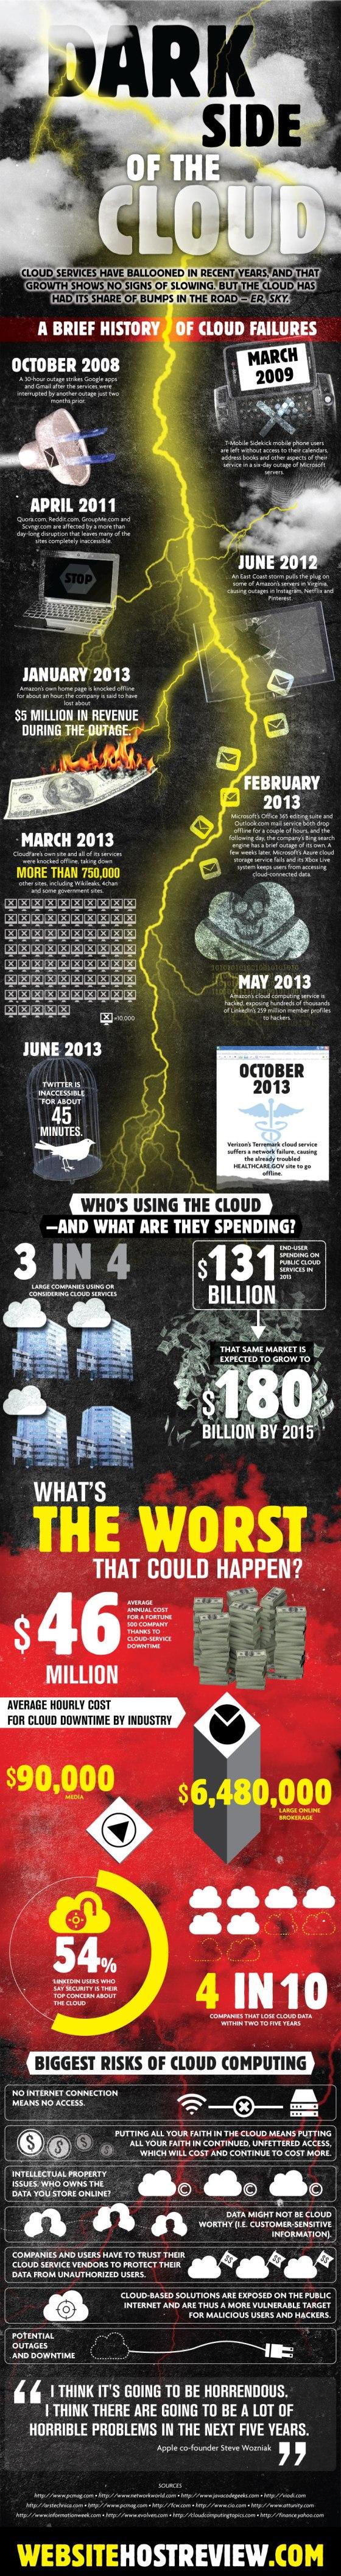 Dark Side of the Cloud